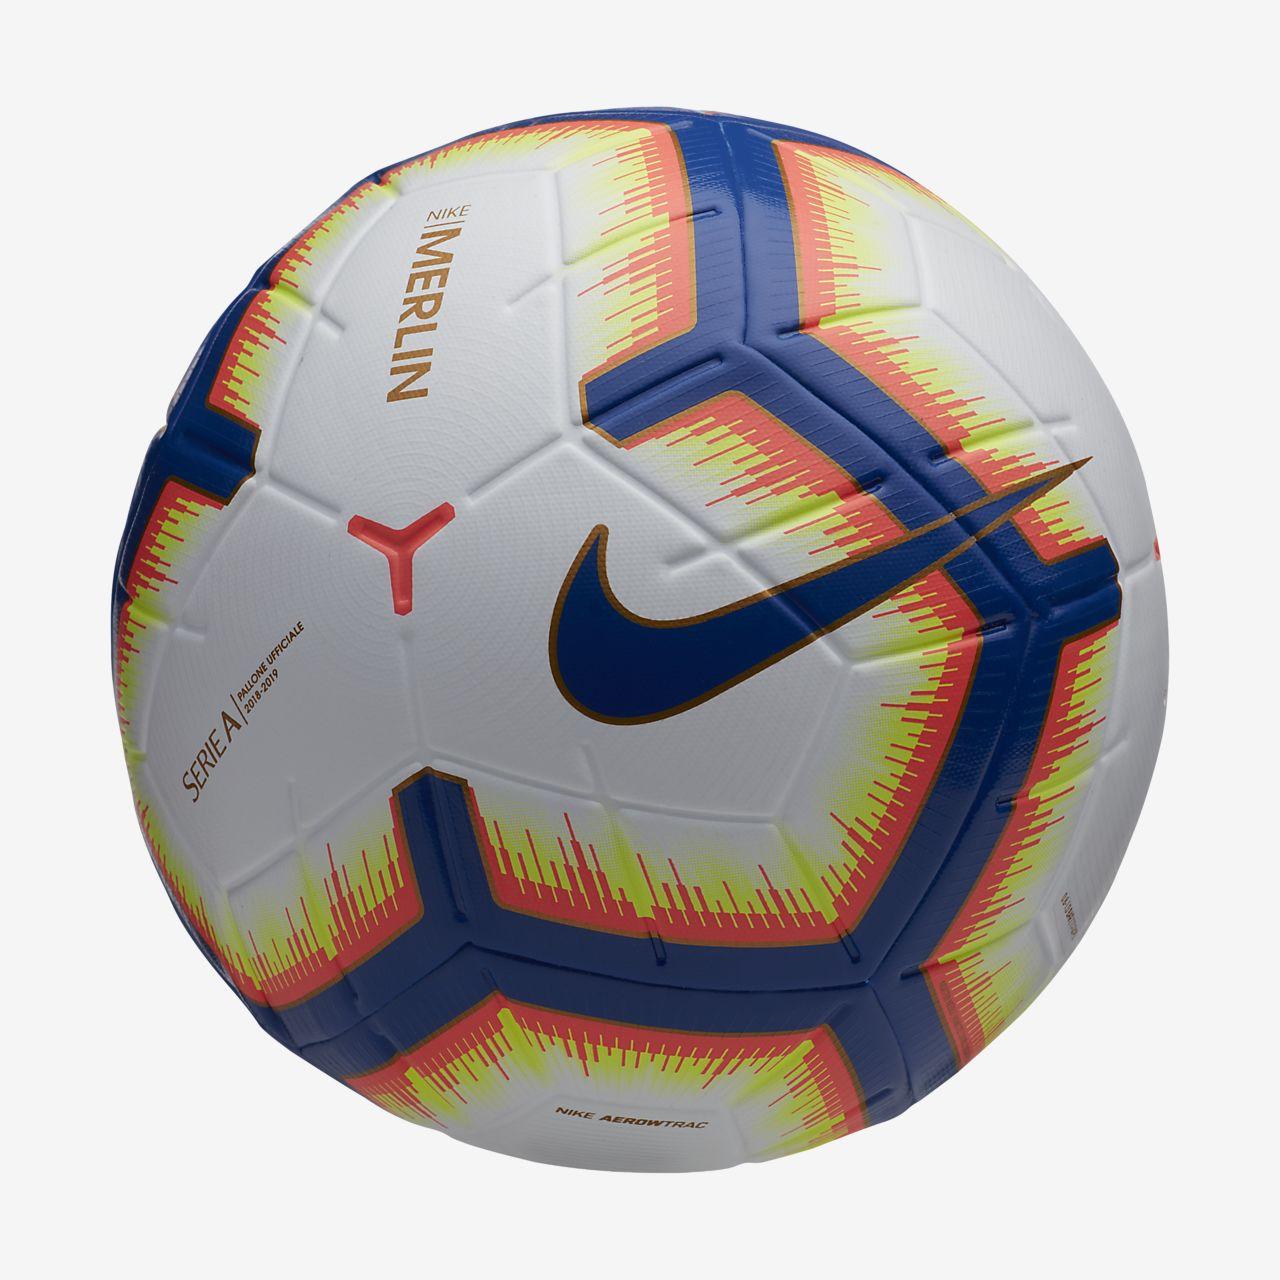 Serie A Merlin Balón de fútbol. Nike.com ES 8de081d17c305